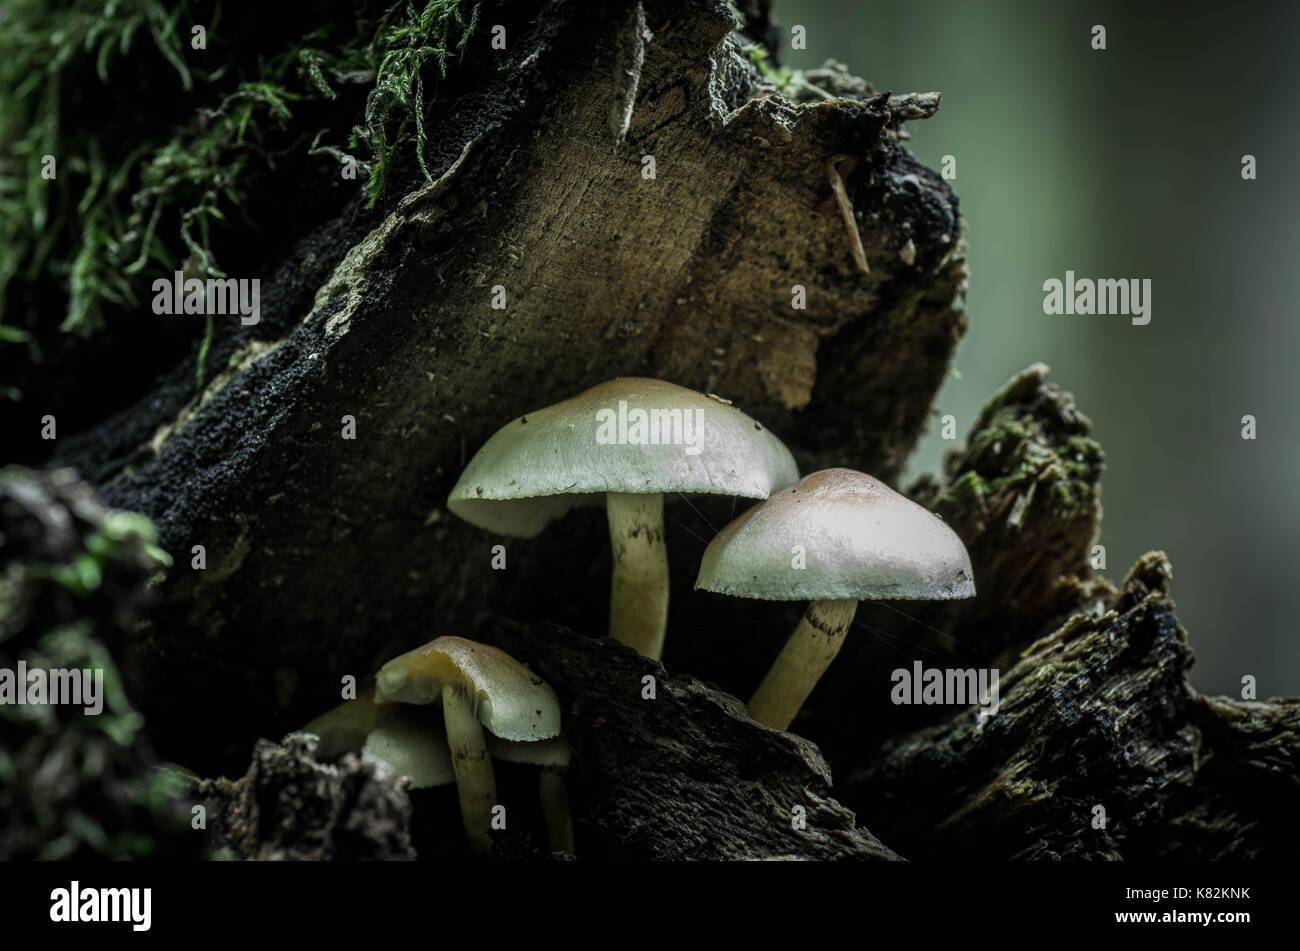 Mushrooms on tree, forest mushrooms, mushrooms on trunk, wild fungus. Stock Photo